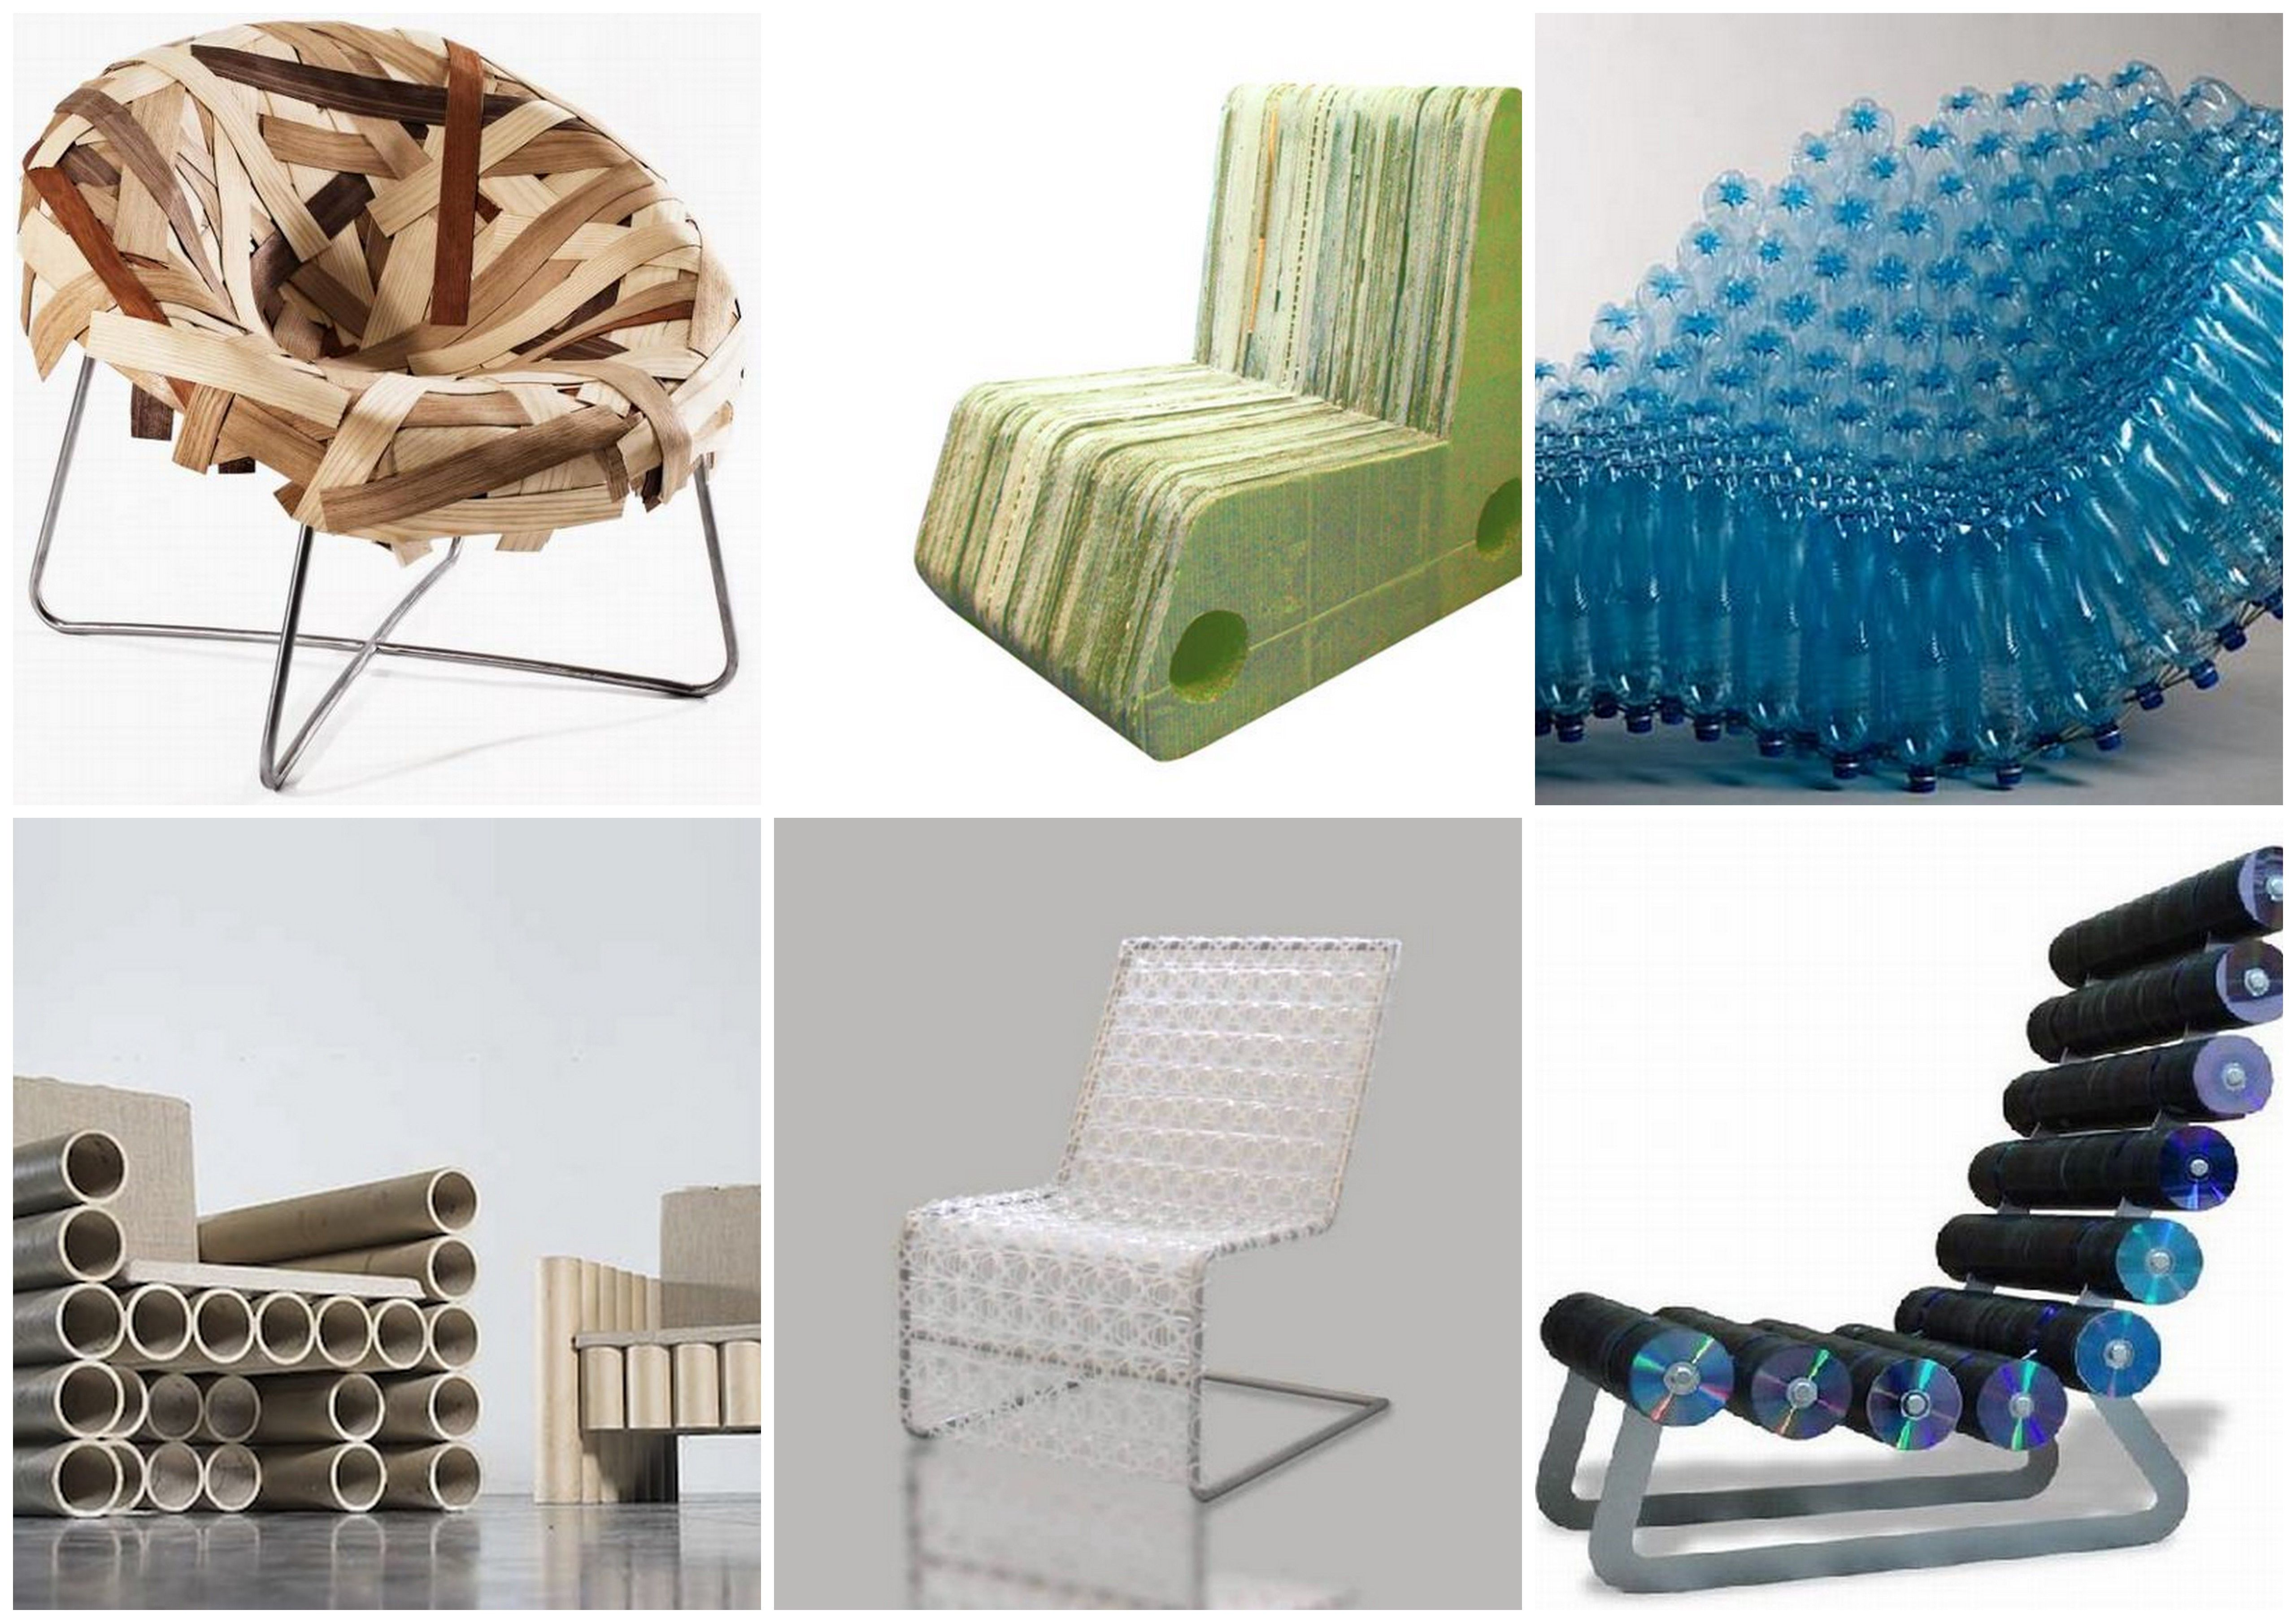 Sillones de materiales reciclados muebles reciclados for Reciclado de sillones